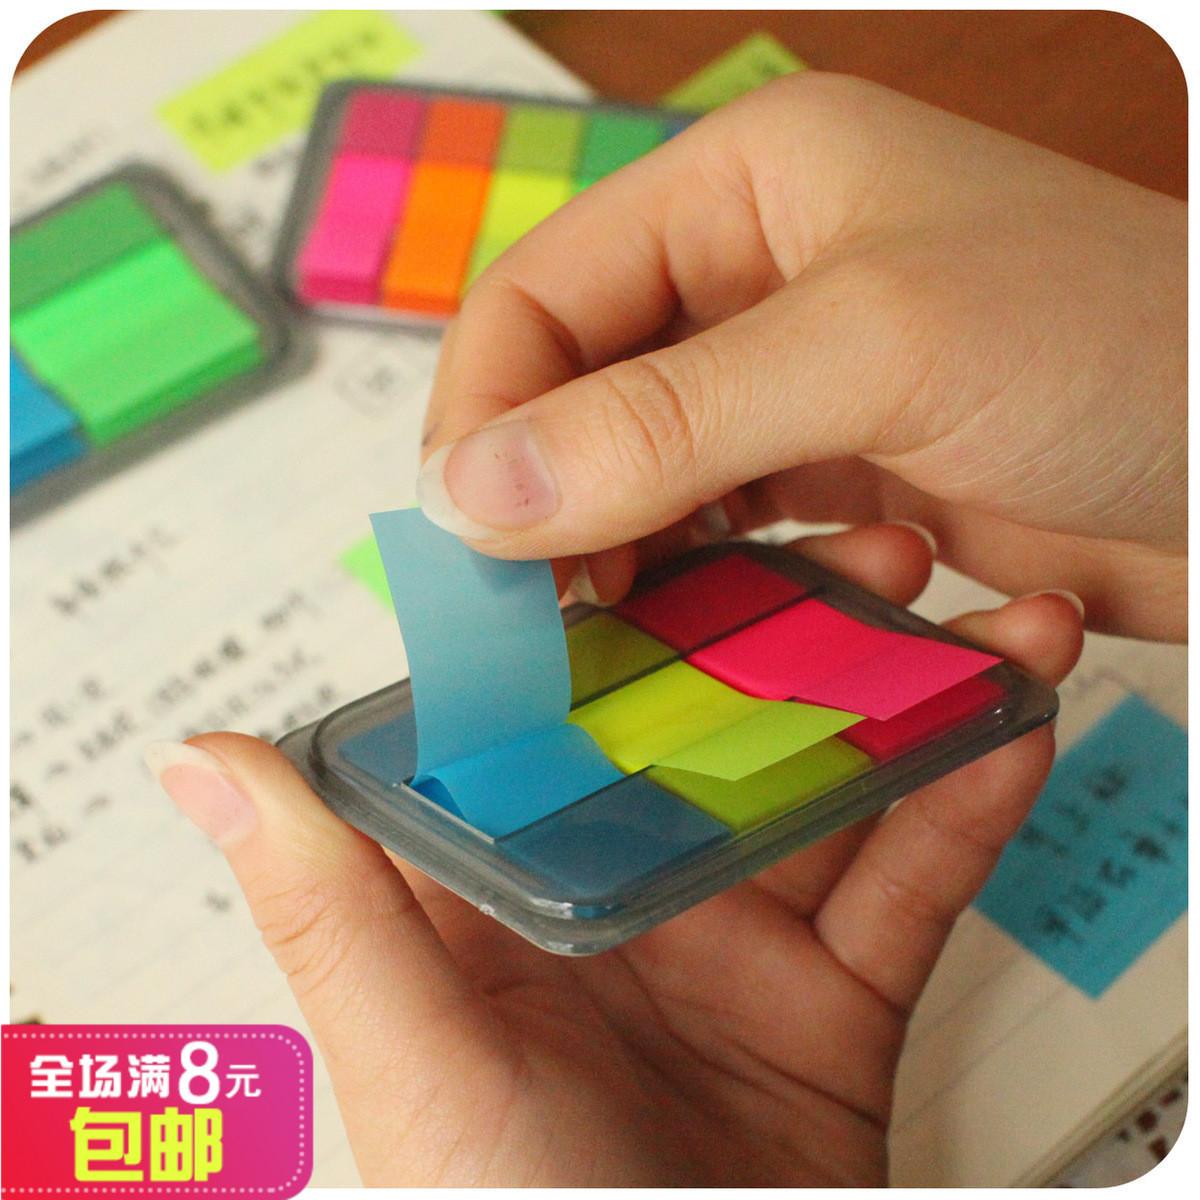 默默爱?创意可爱可撕荧光便签纸 N次贴记事标签条便签本韩国文具